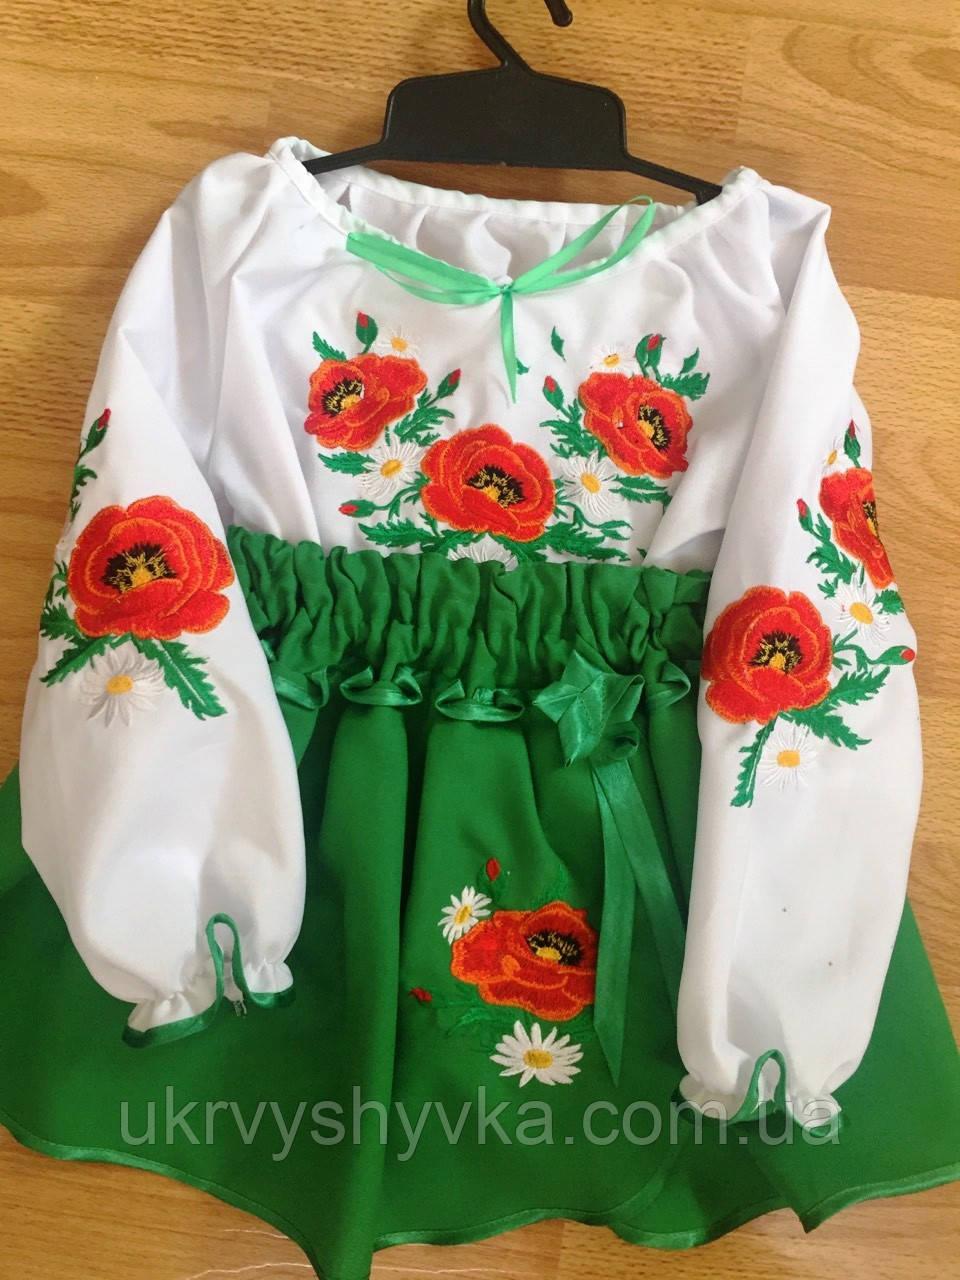 """Дитячий вишитий костюм """"Маки"""" зелений"""